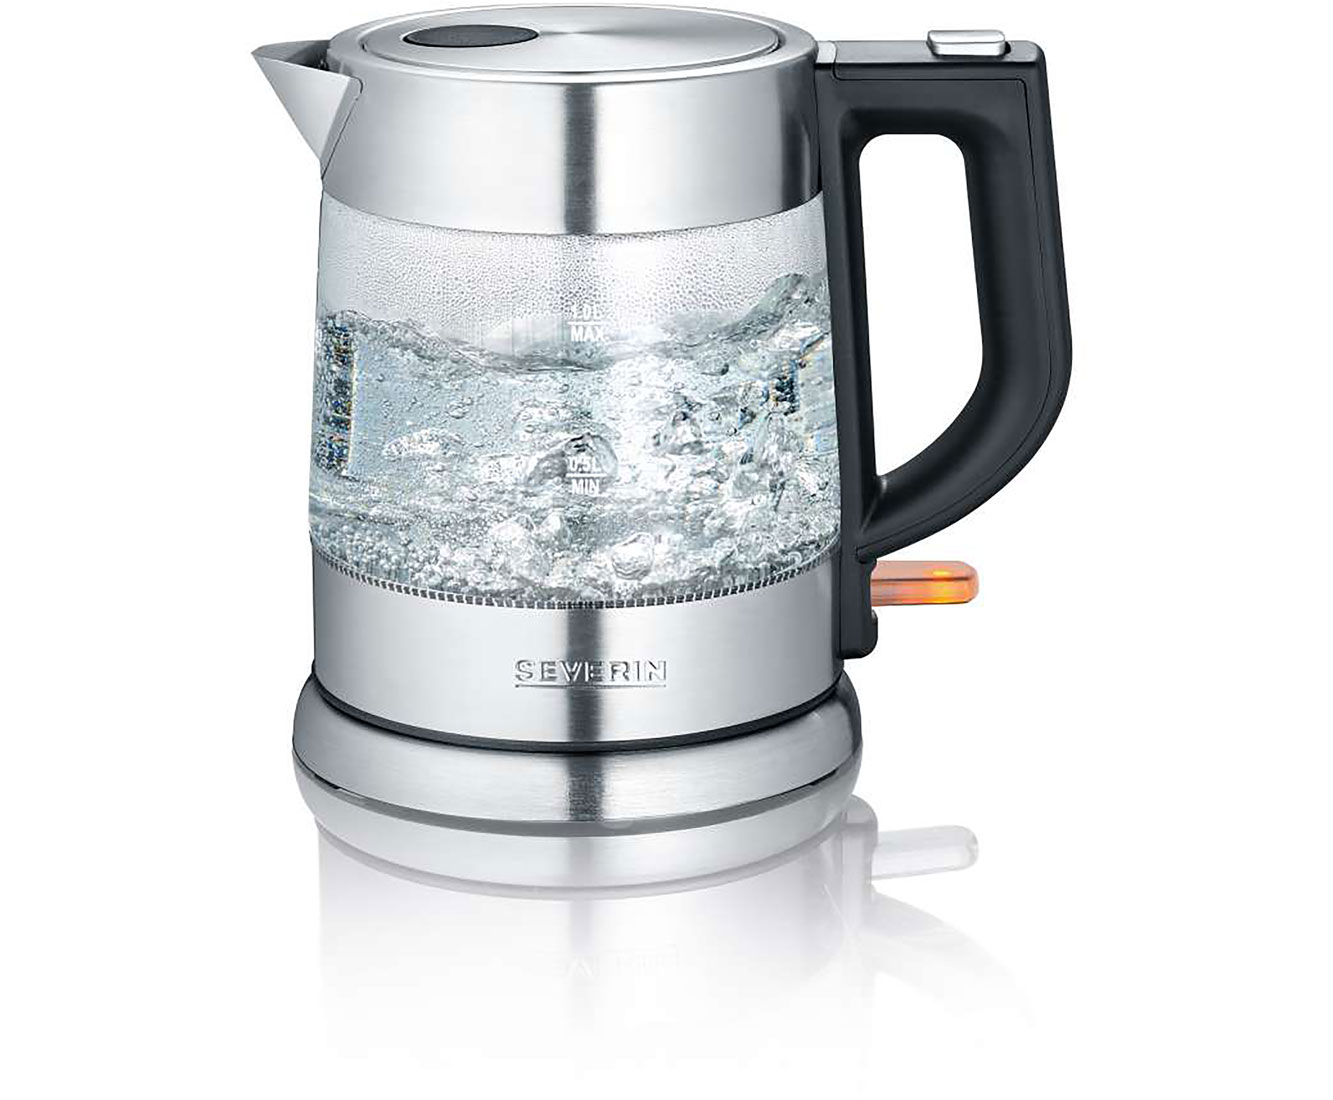 Severin WK 3468 Wasserkocher & Toaster - Edelstahl   Küche und Esszimmer > Küchengeräte > Toaster   Edelstahl   Severin